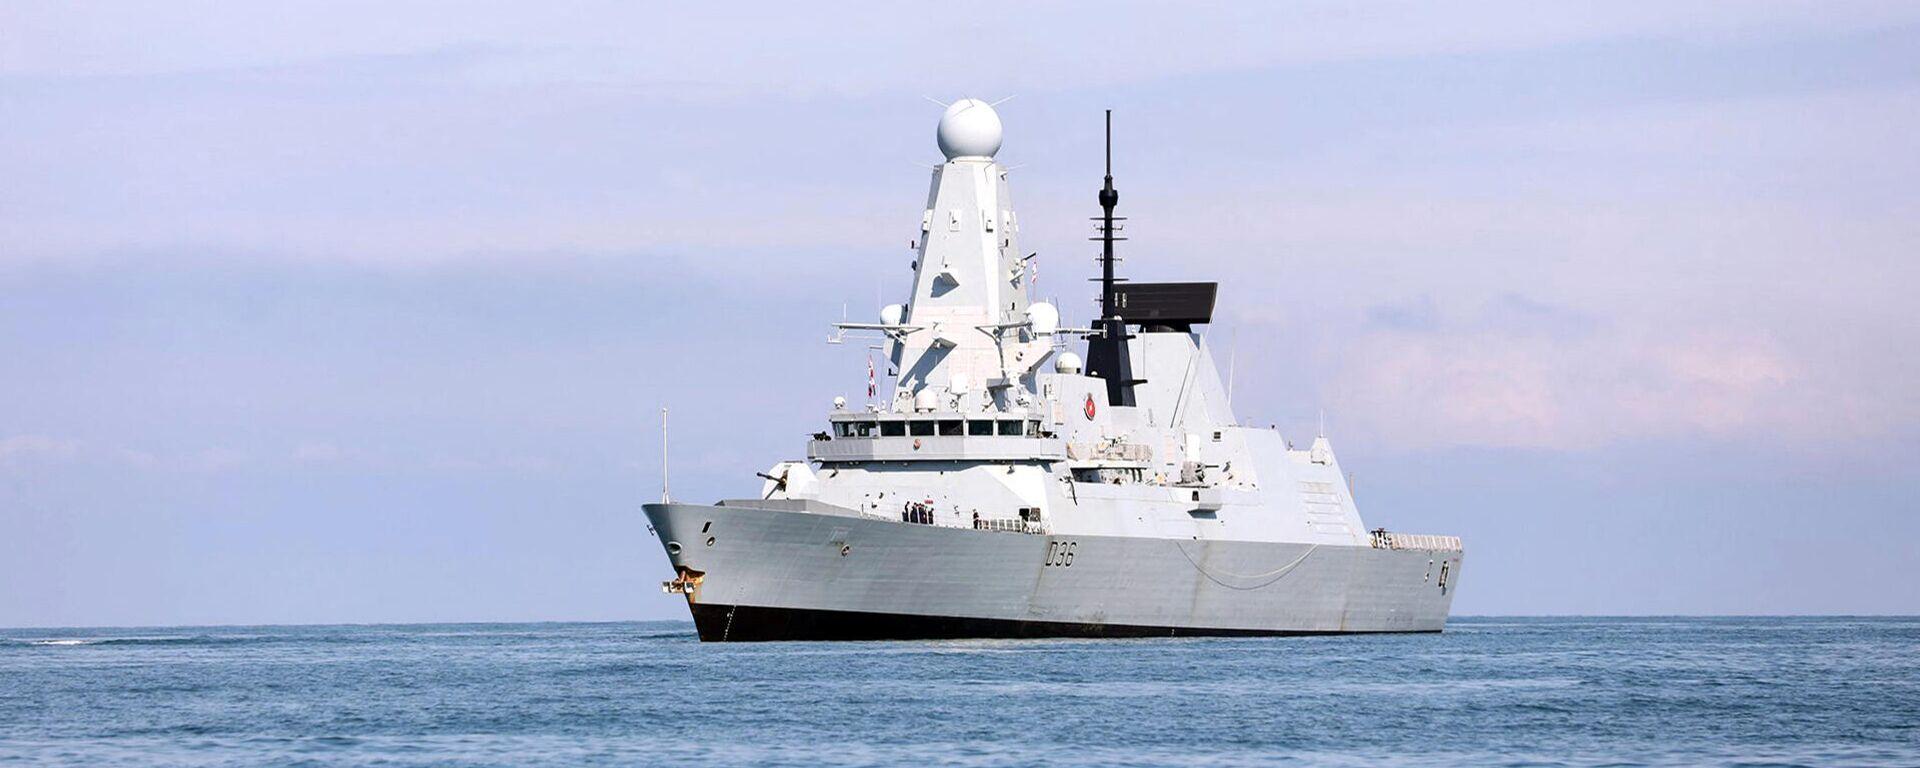 Эсминец Defender ВМС Великобритании - Sputnik Таджикистан, 1920, 03.07.2021